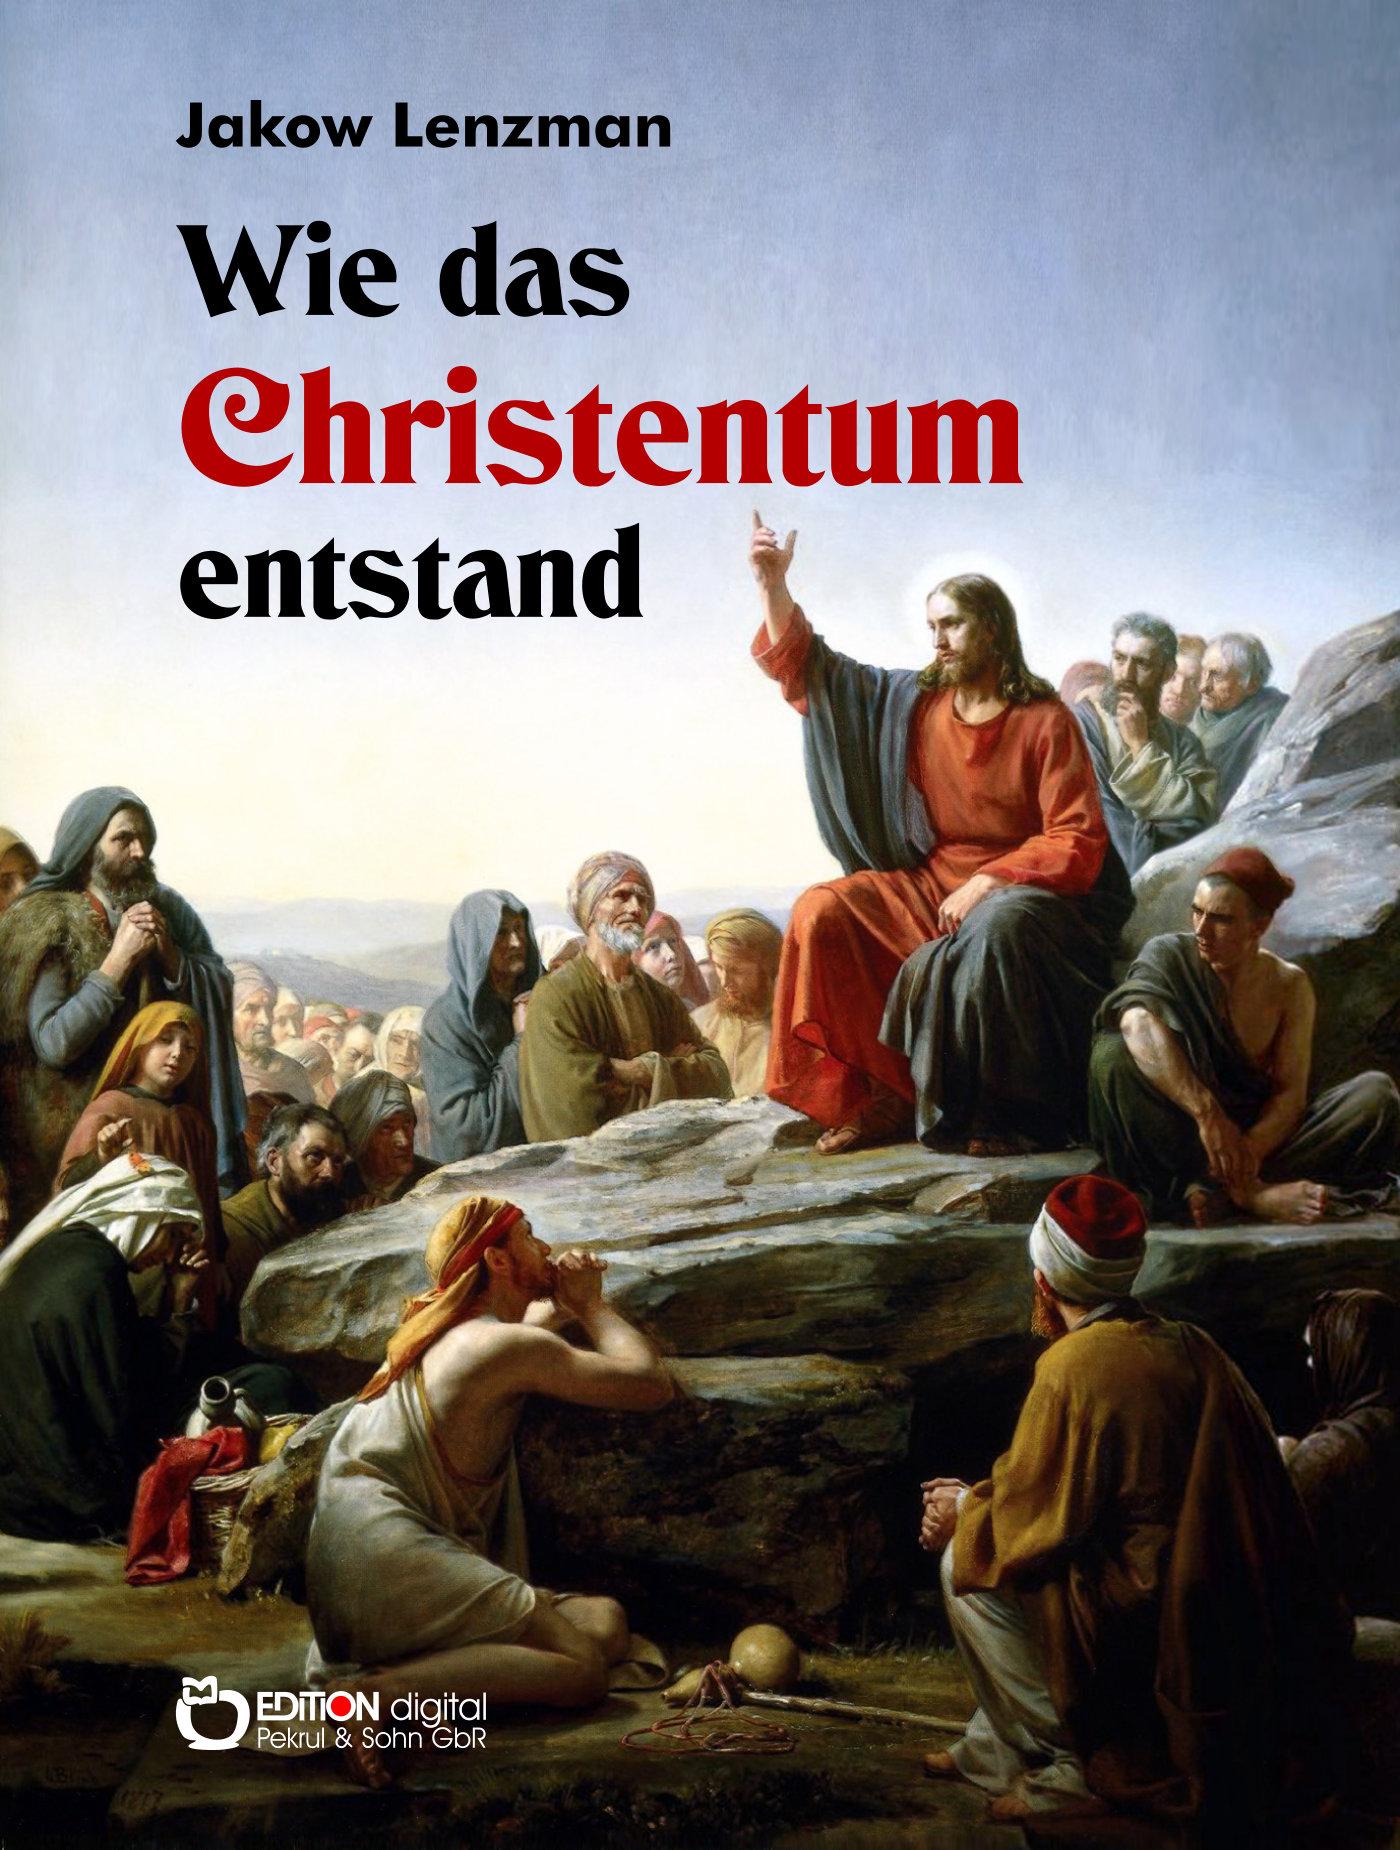 Wie das Christentum entstand von Jakow Lenzman, Hans Bentzien (Übersetzer)